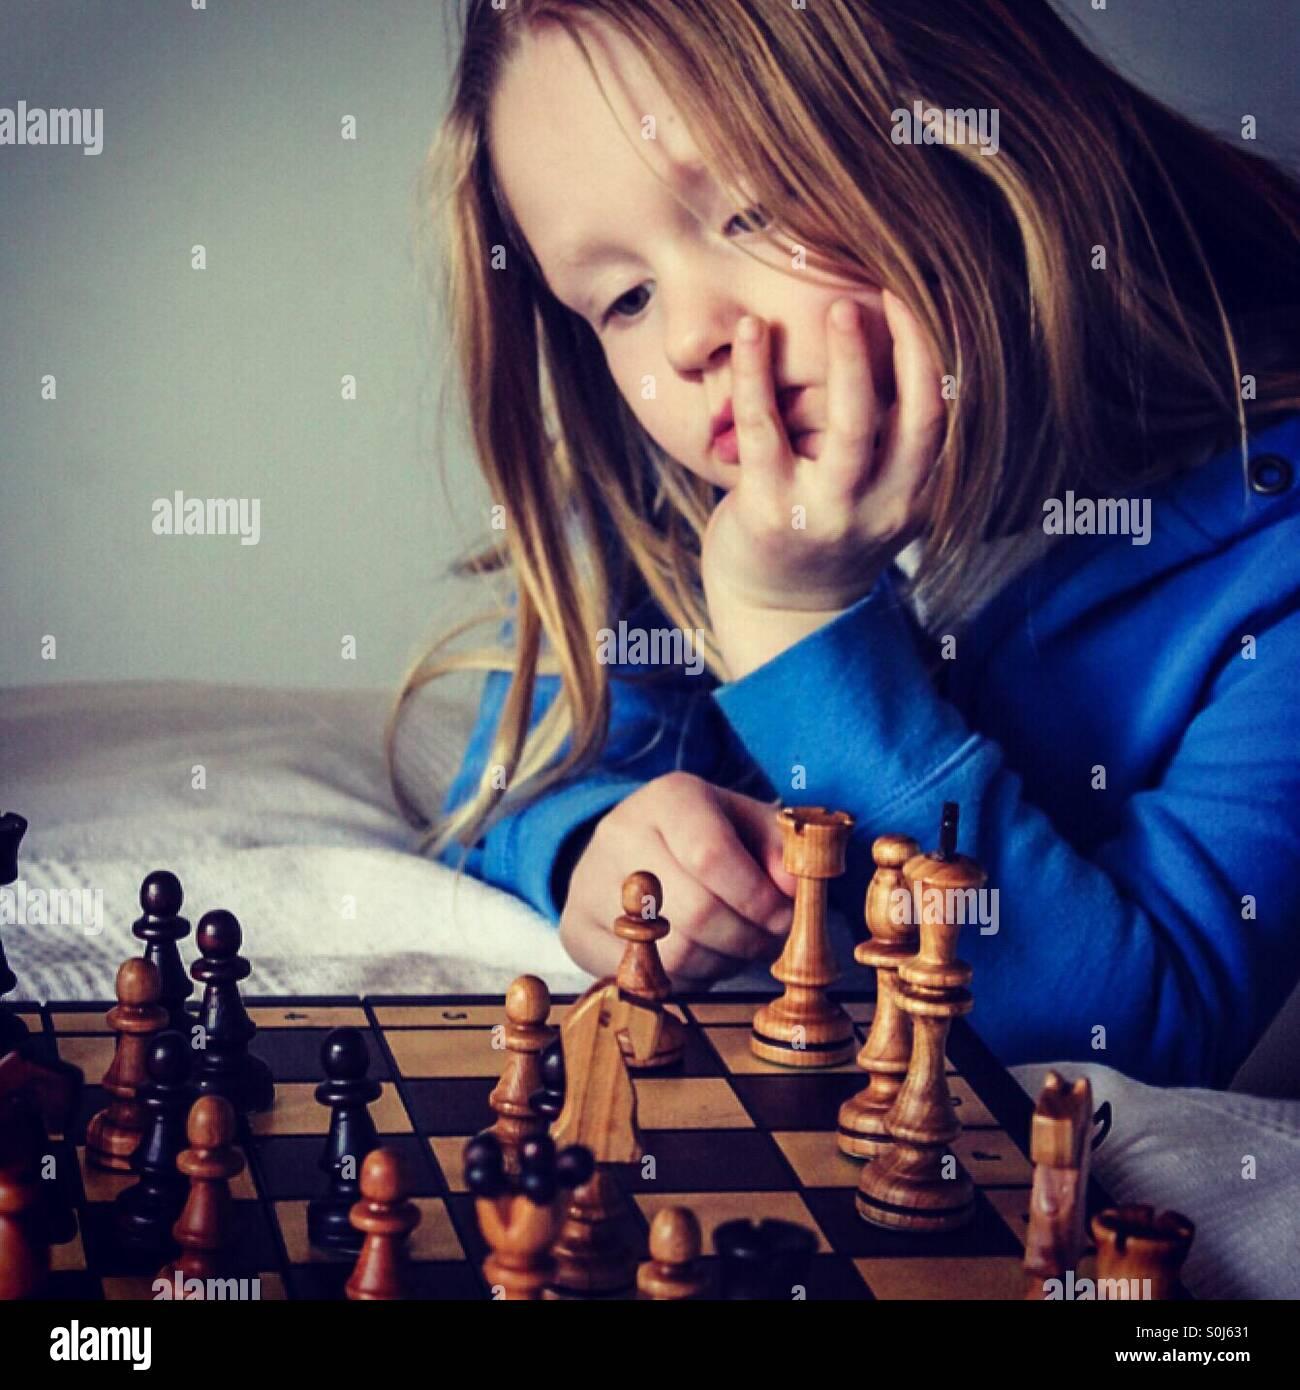 Chica jugando ajedrez Imagen De Stock